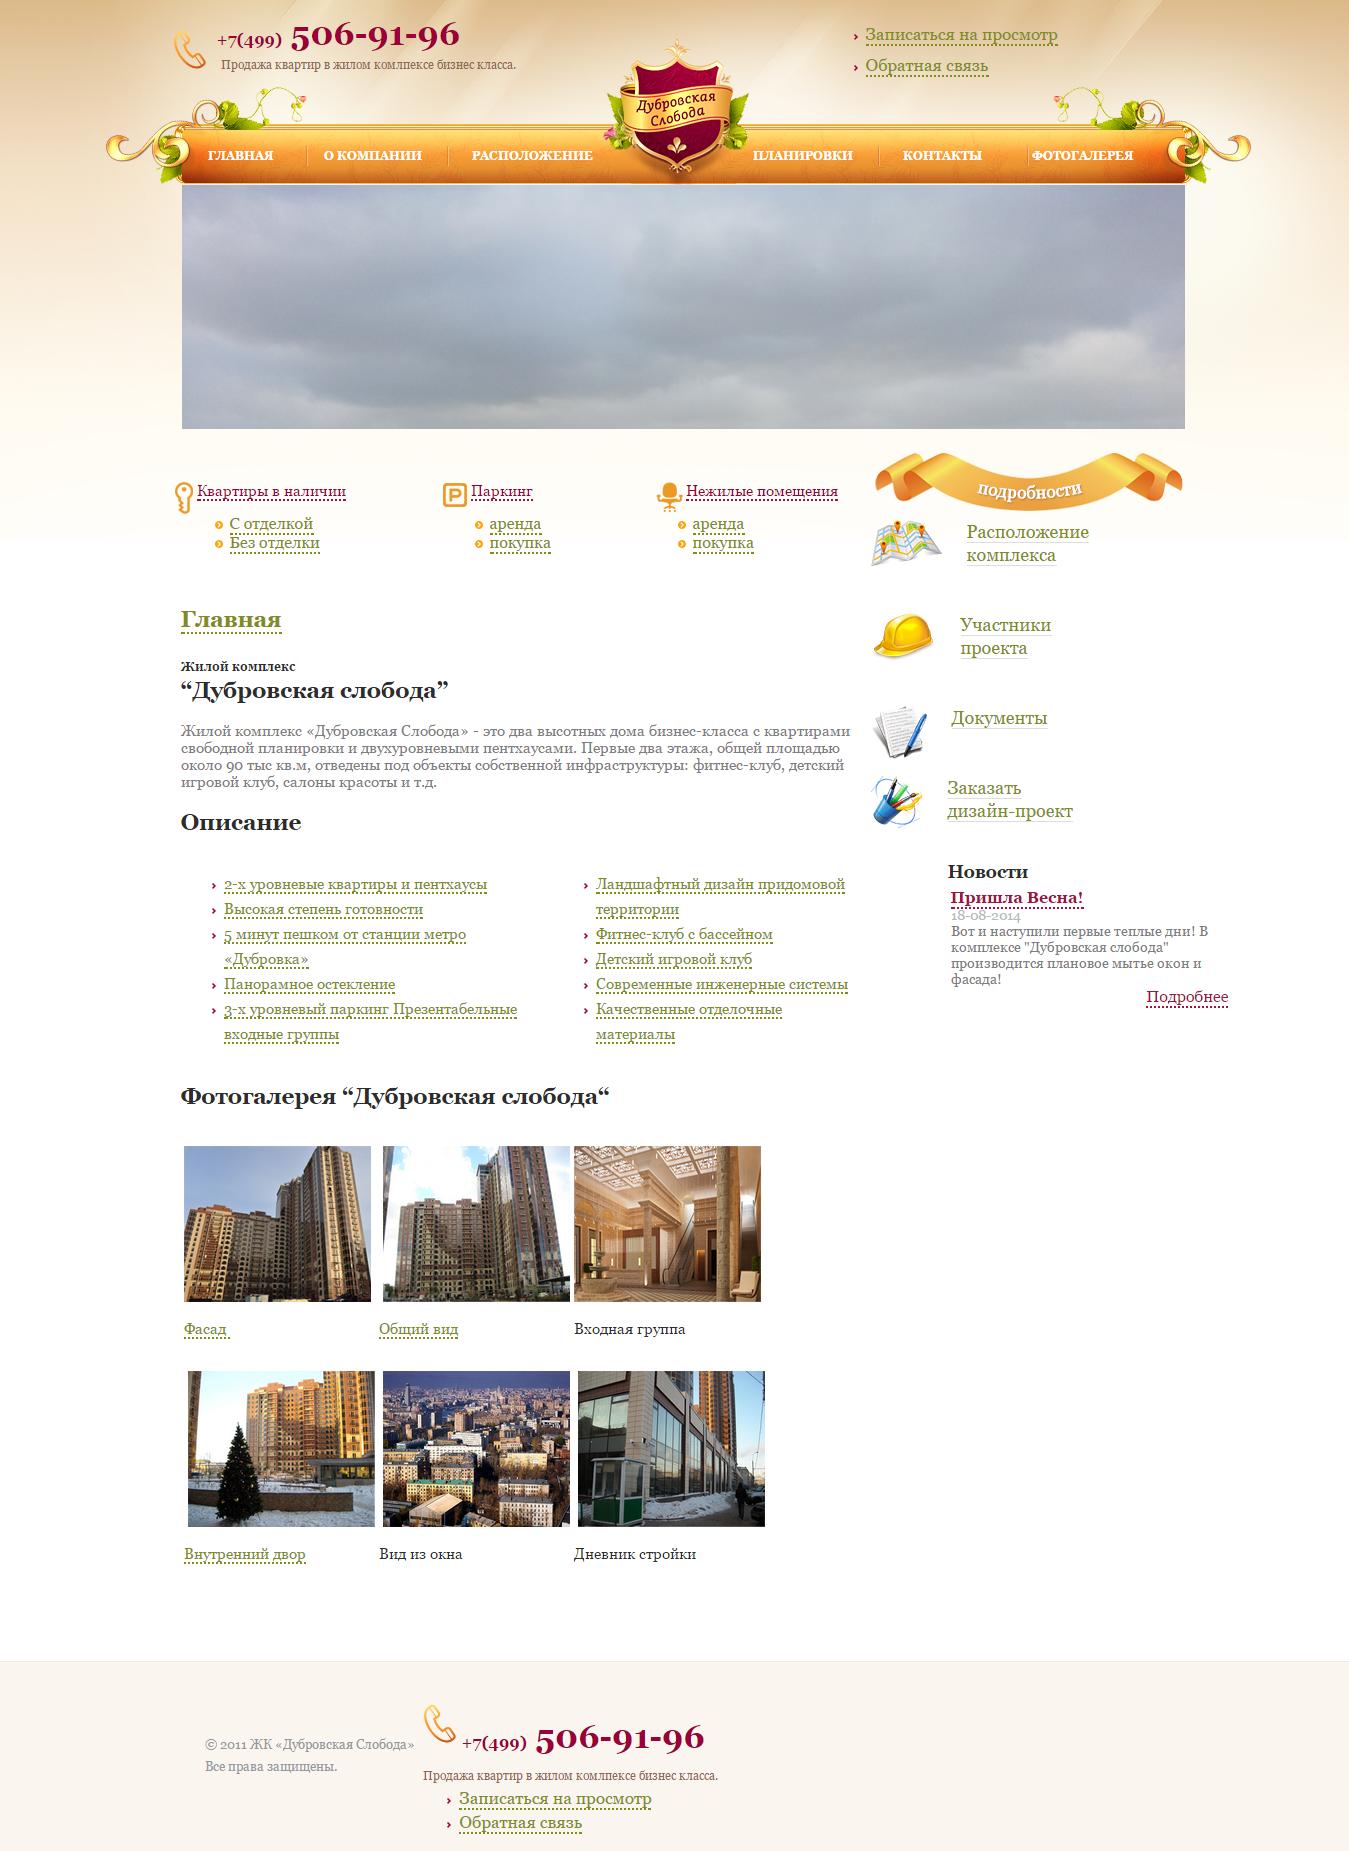 Дубровская Слобода - ЖК бизнес-класс